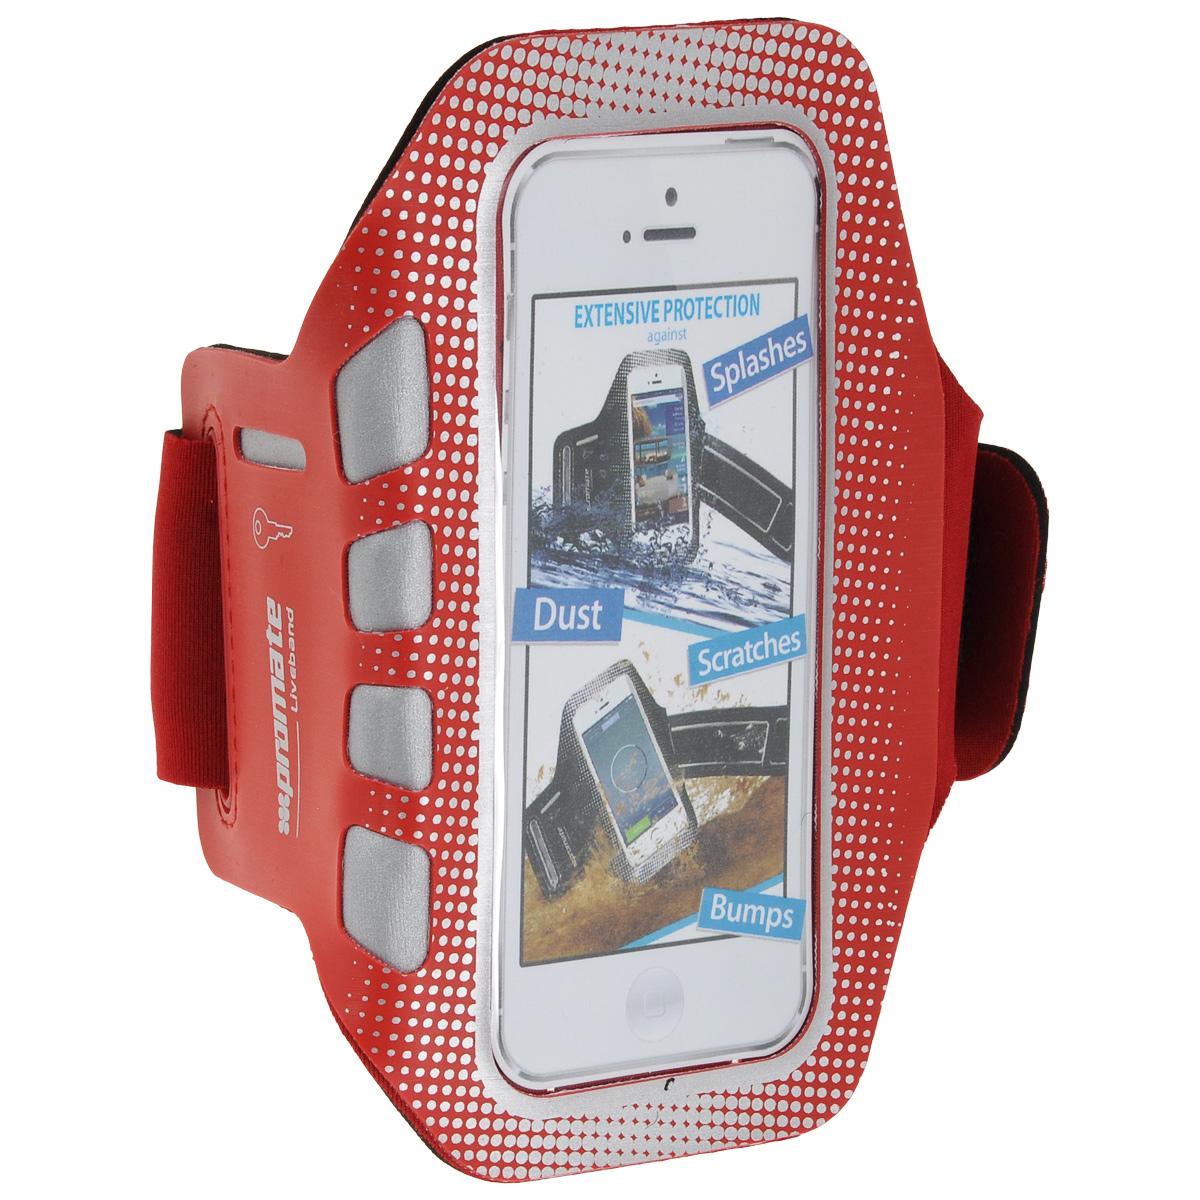 Promate Liveband чехол для iPhone 5/5s, Red00007847Чехол Promate Liveband для iPhone 5/5s - аксессуар, который должен иметь каждый человек, кто занимается спортом, вне зависимости, что это за вид спорта: гимнастика, бег, упражнения в зале и т.д. Этот удобный и очень легкий чехол предохранит ваш смартфон от любого вида повреждений, падений, ударов, царапин, пота и капель воды. Liveband сделан из легковесного материала и крепится на любое предплечье, как широкое, так и узкое. А это значит, что ваши руки всегда будут свободными, а телефон - доступным. Чехол также оснащен специальным кармашком для ключей. Идите и занимайтесь спортом с вашим Liveband!